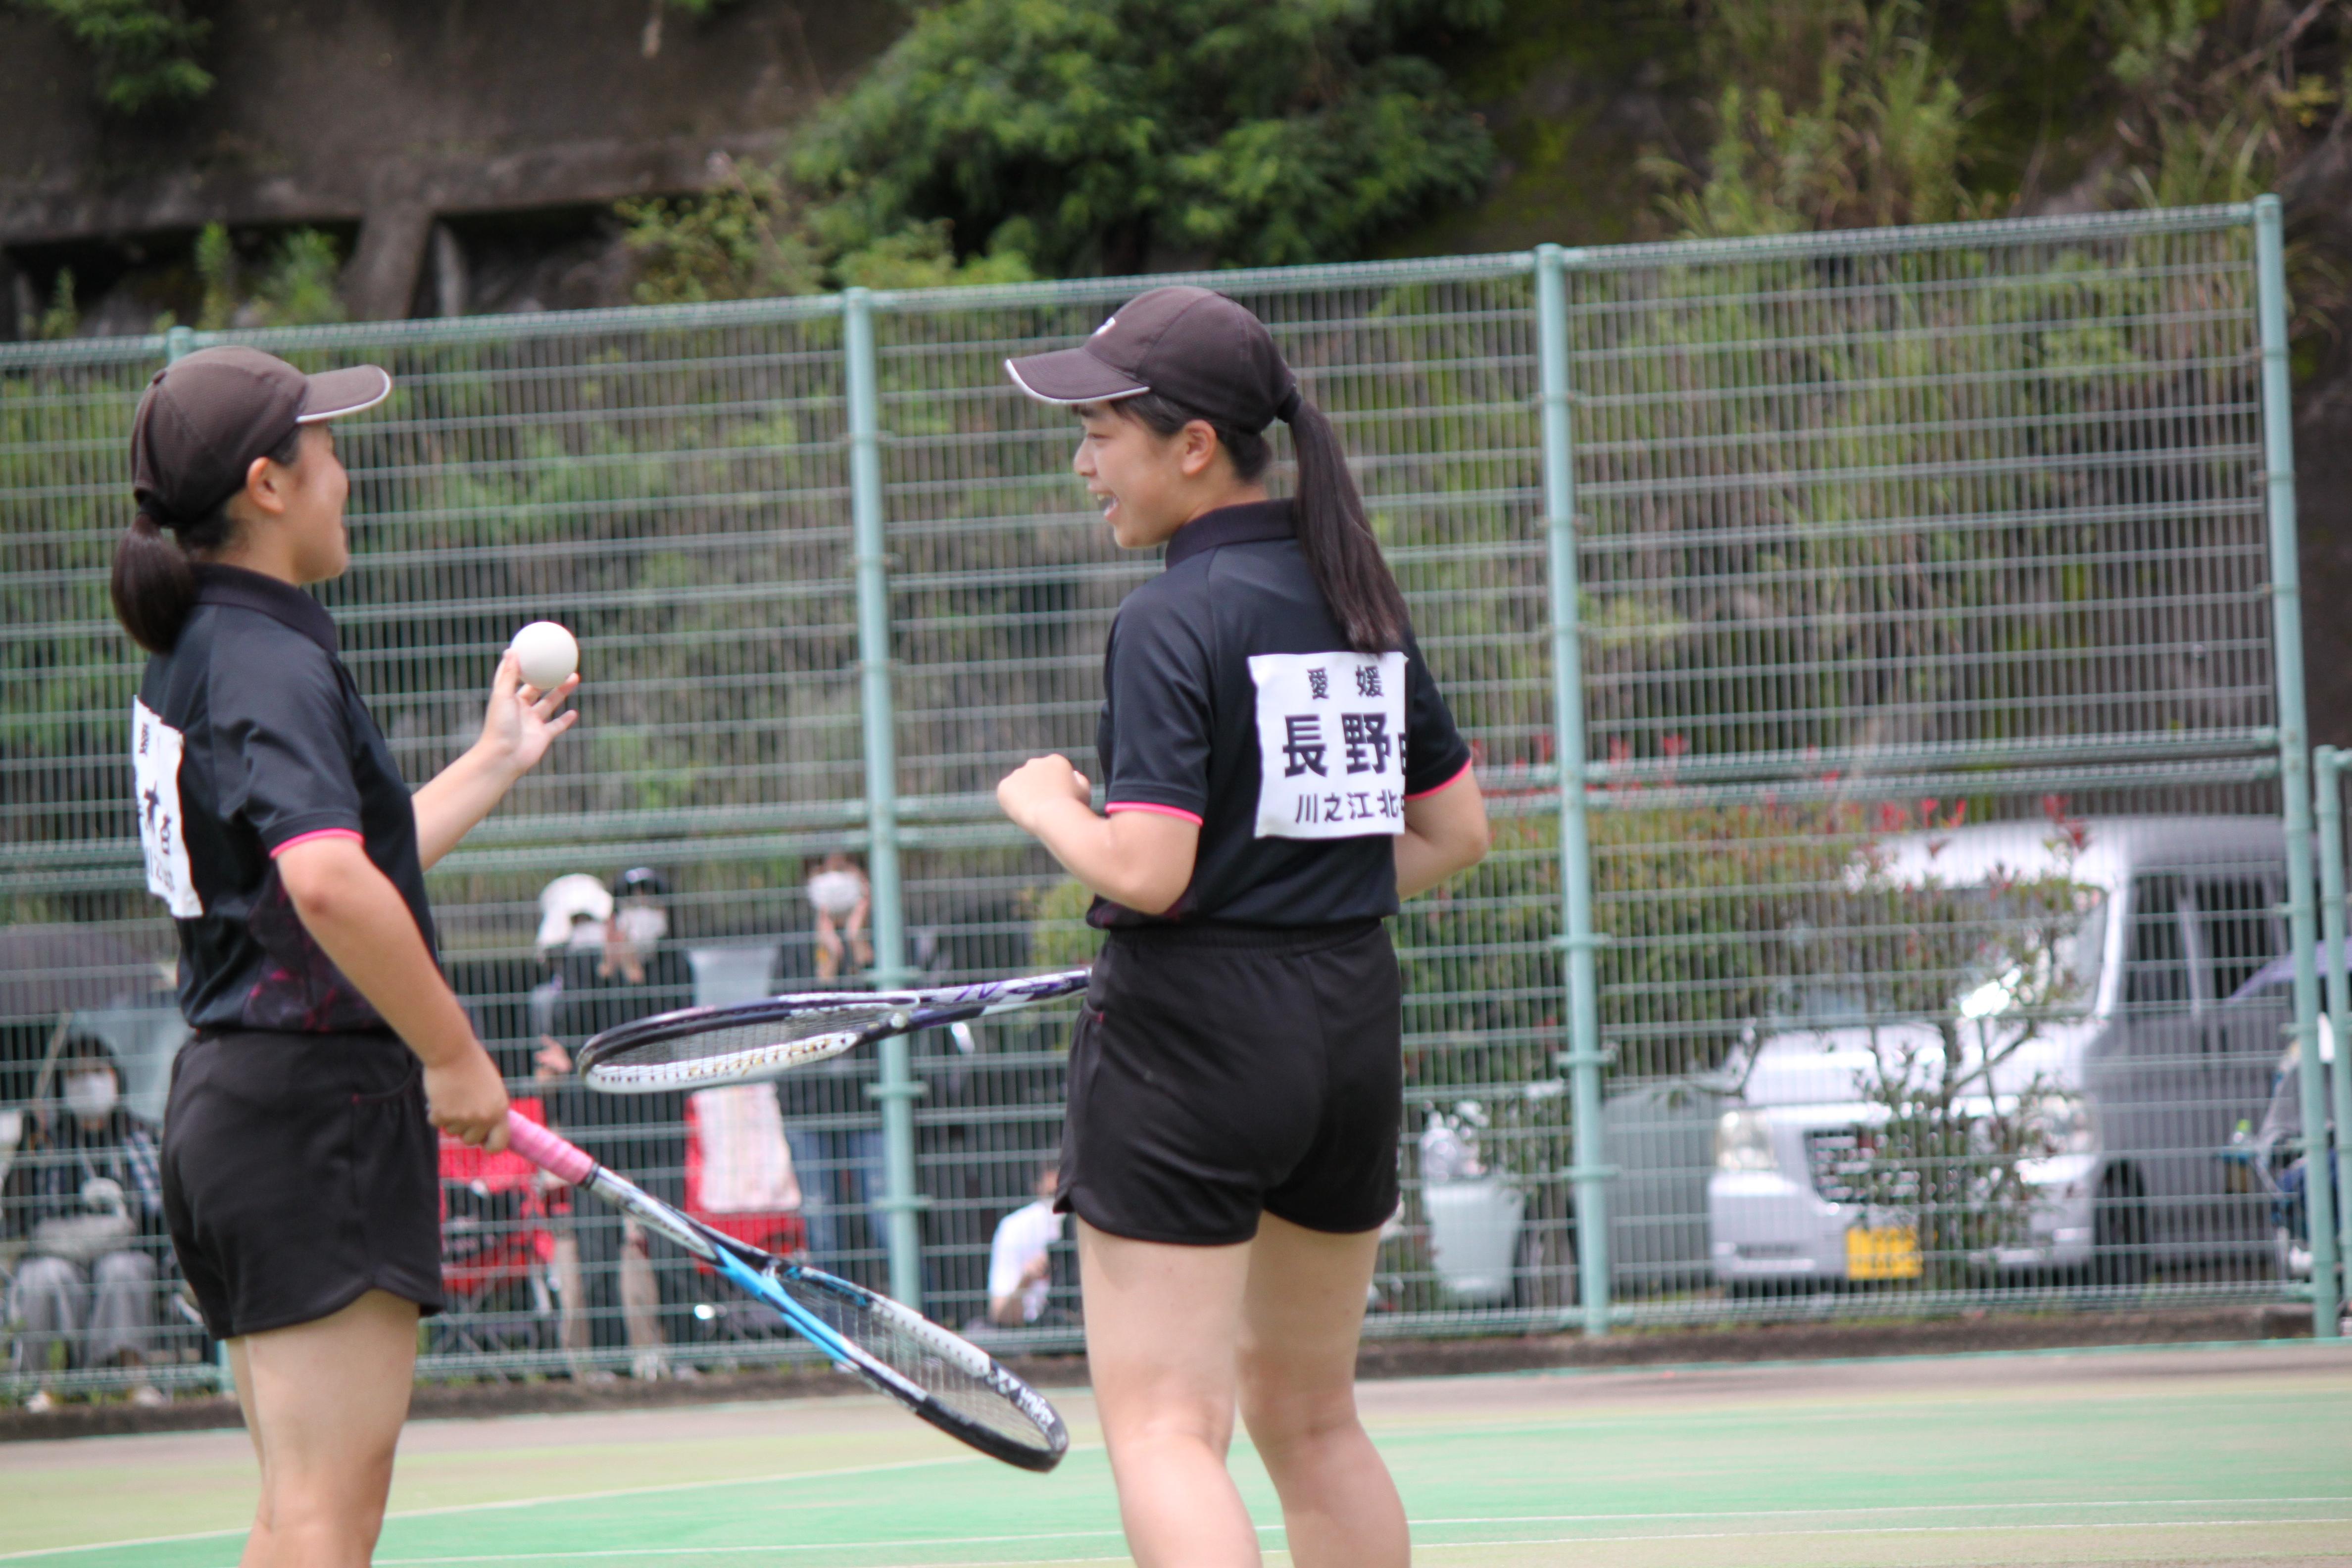 ソフトテニス (83)